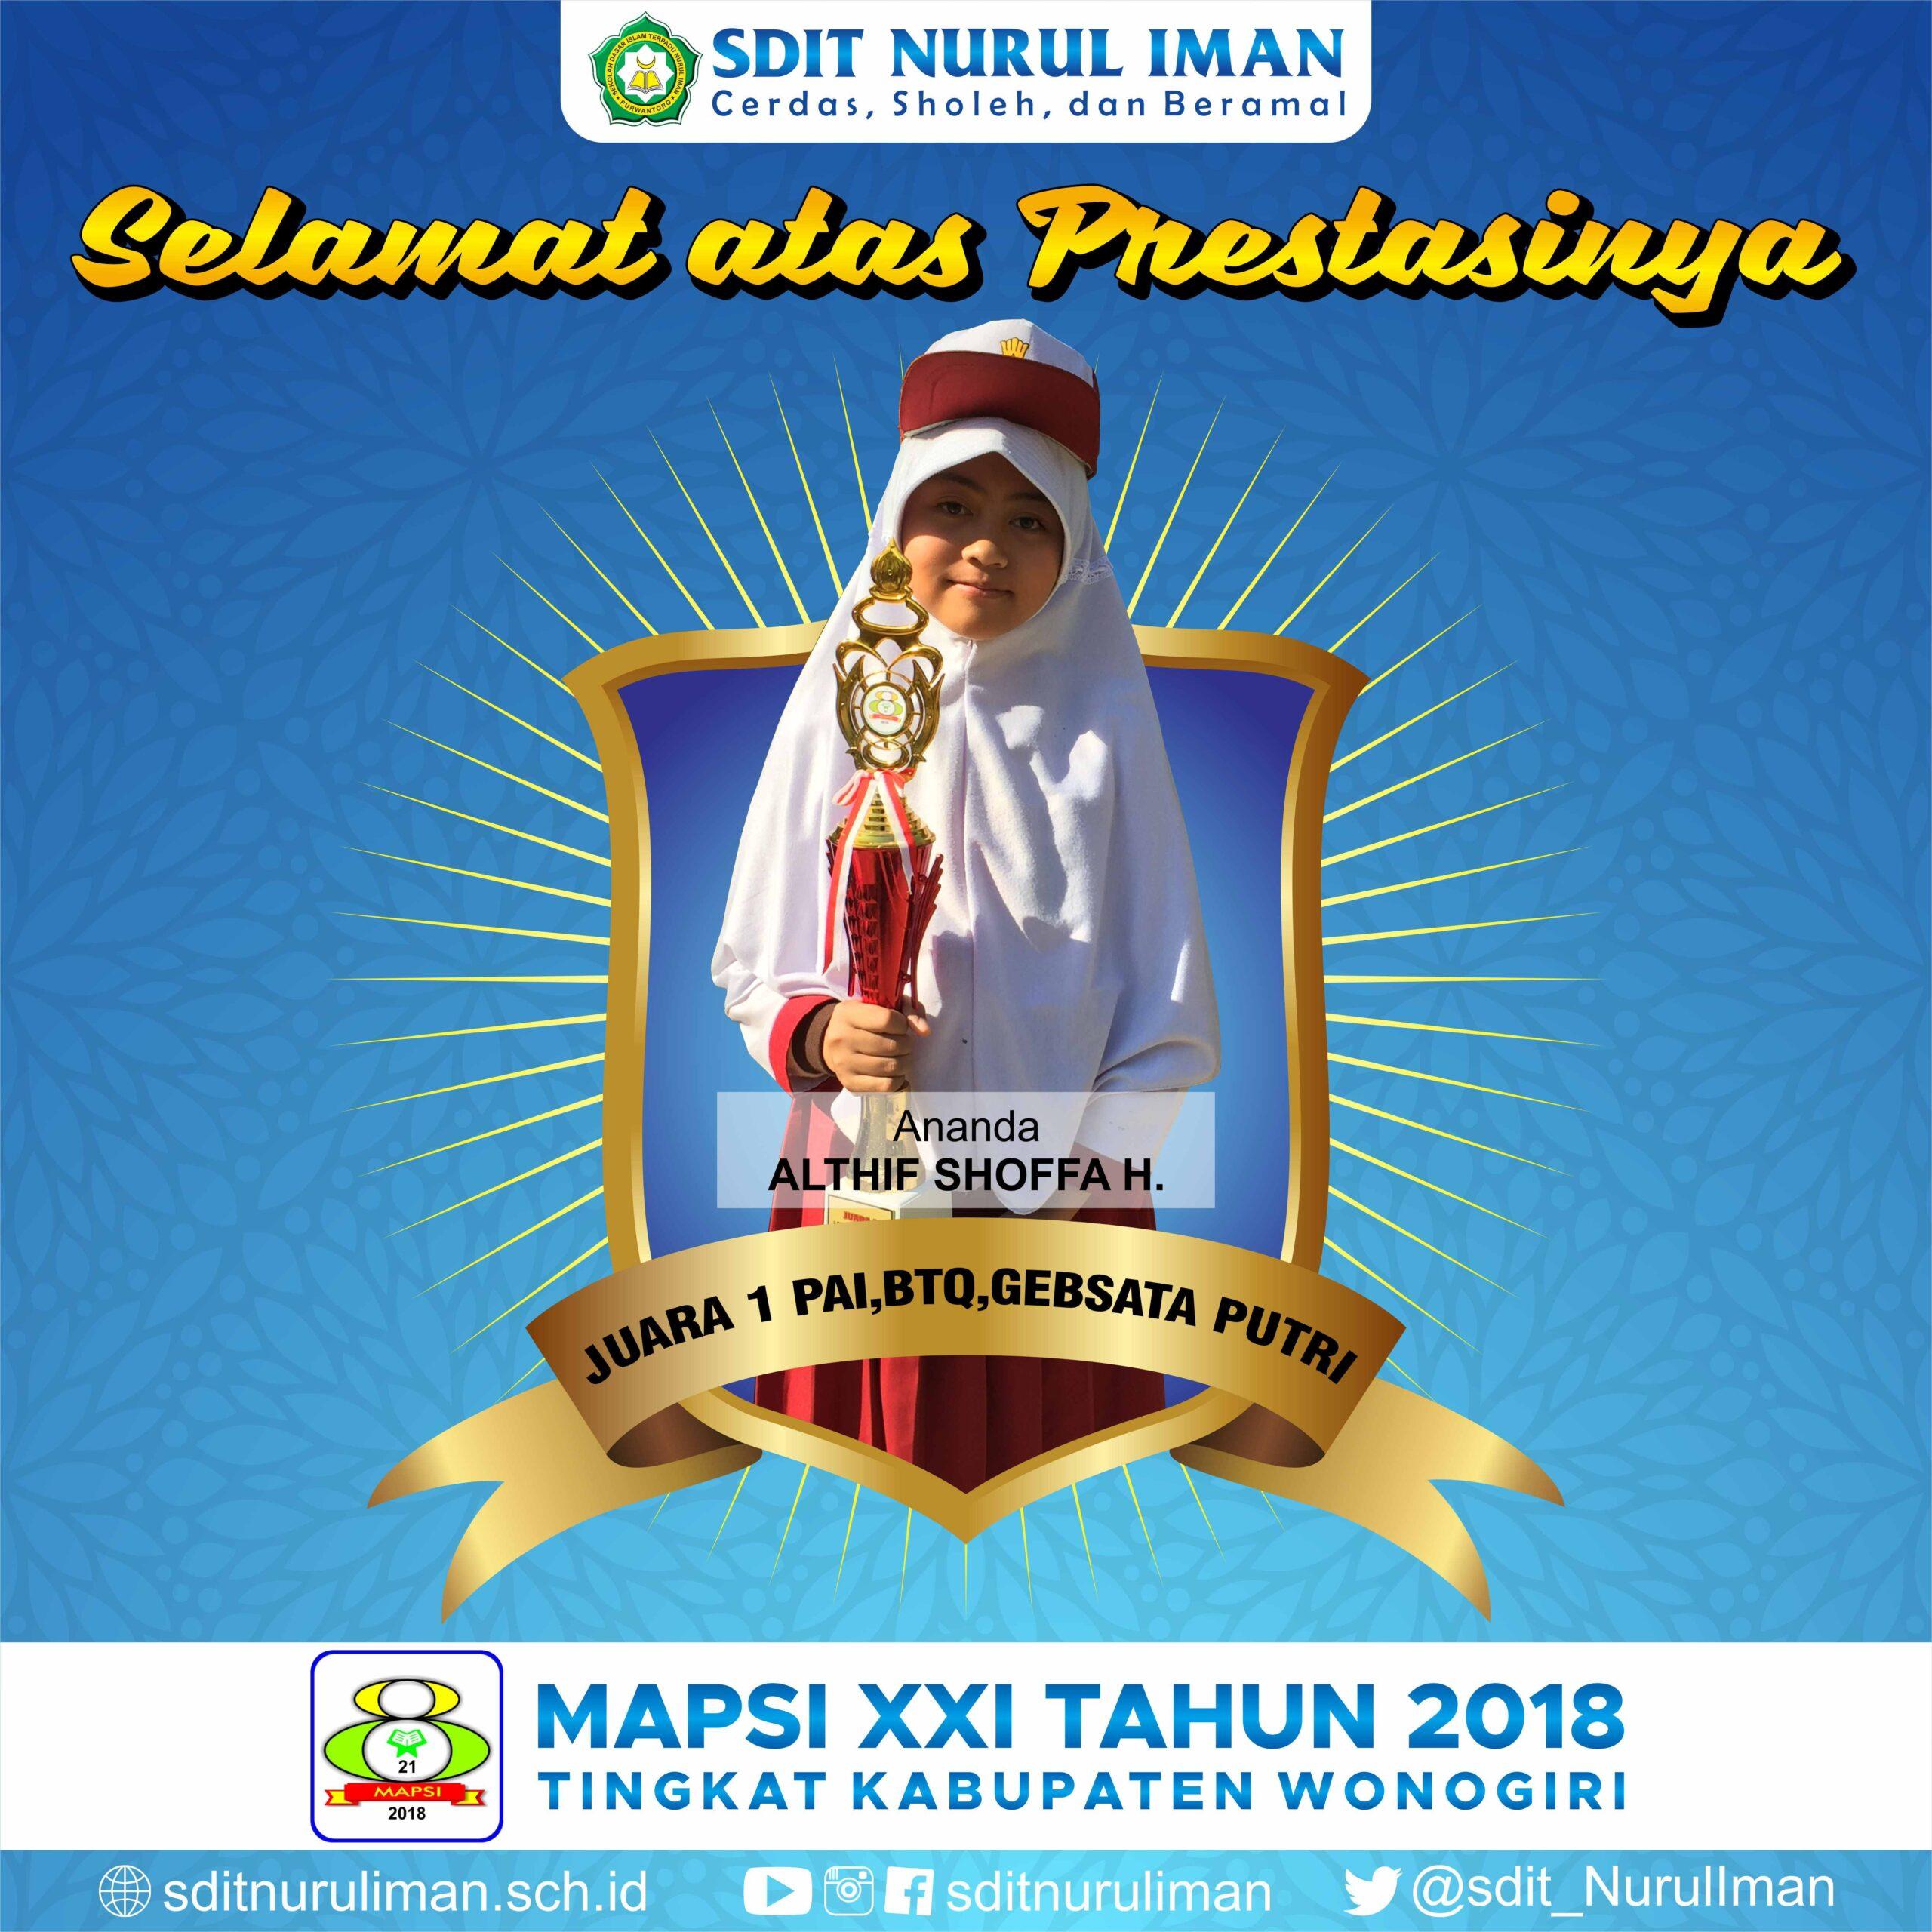 Juara 1 PAI, BTQ dan Gebsata Putri Lomba MAPSI XXI Tingkat Kabupaten Wonogiri